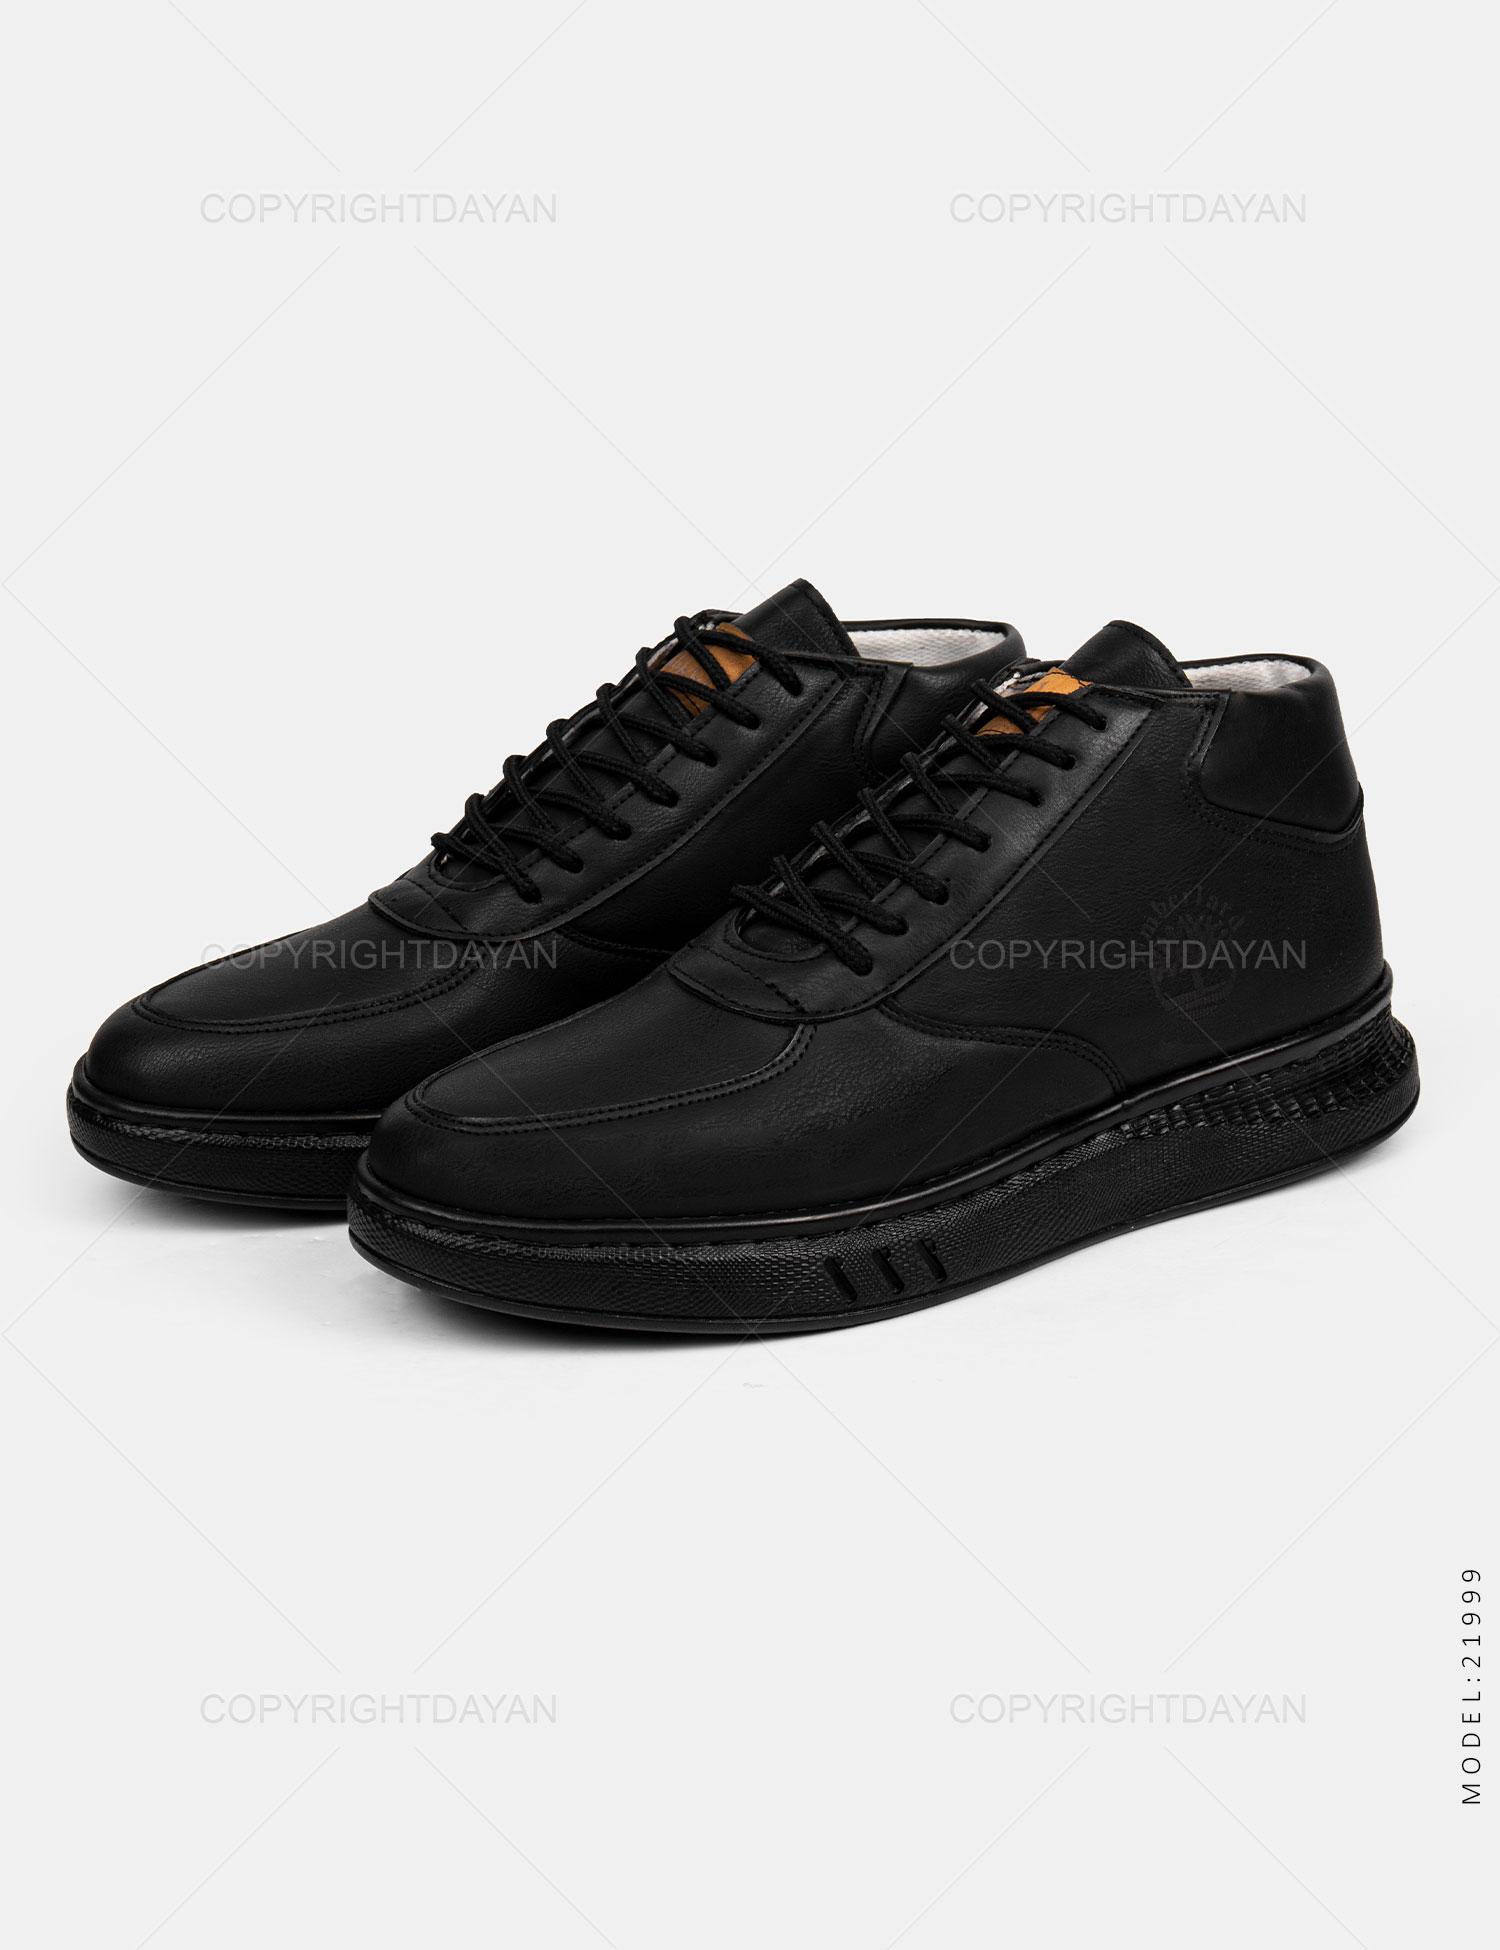 کفش ساقدار مردانه Timberland مدل 21999 کفش ساقدار مردانه Timberland مدل 21999 210,000 تومان